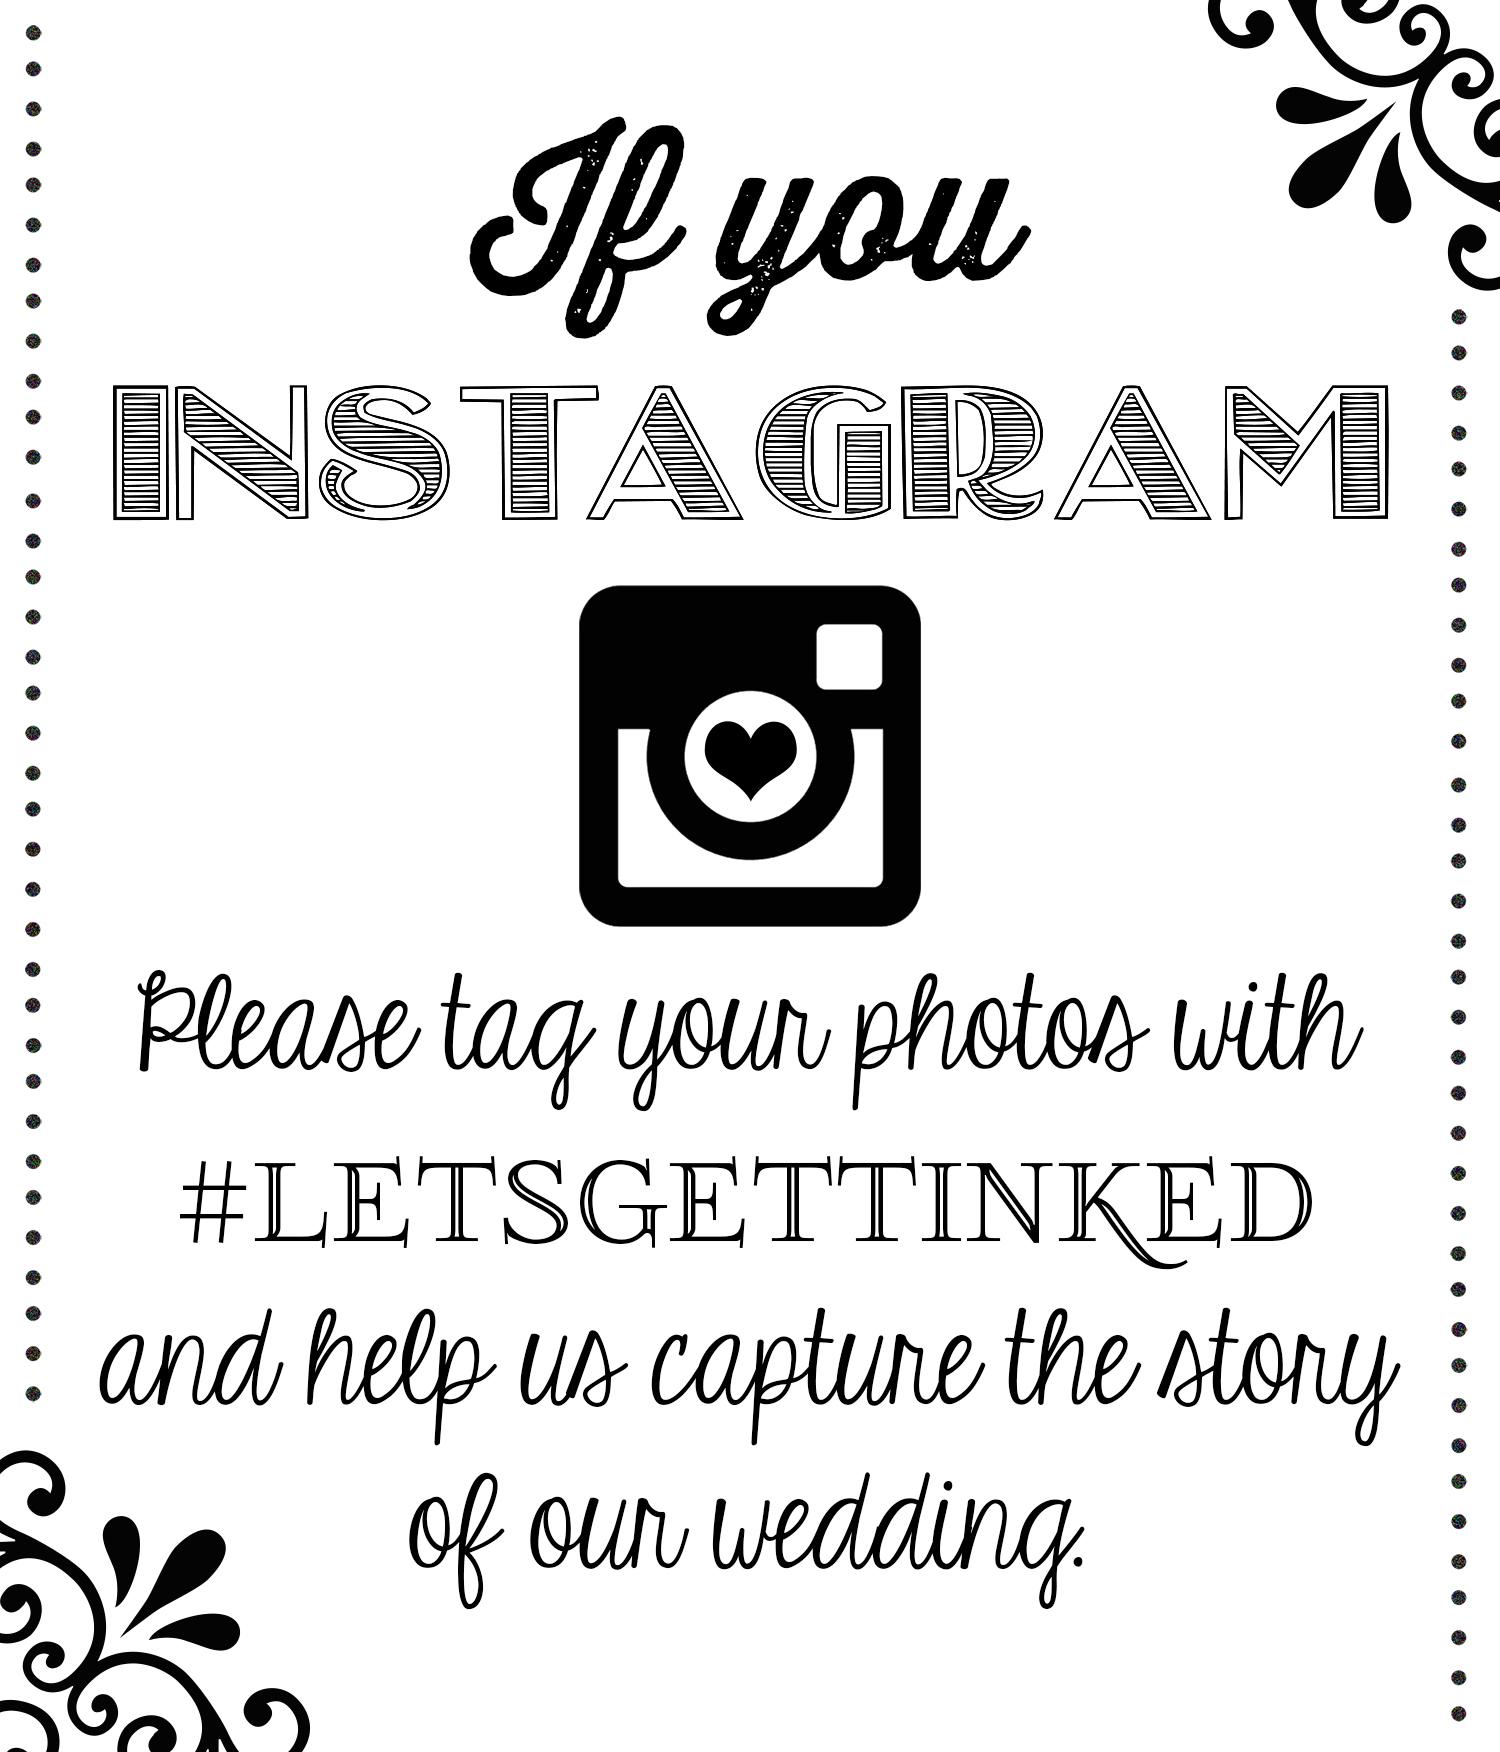 Tinker_Instagram Sign.jpg